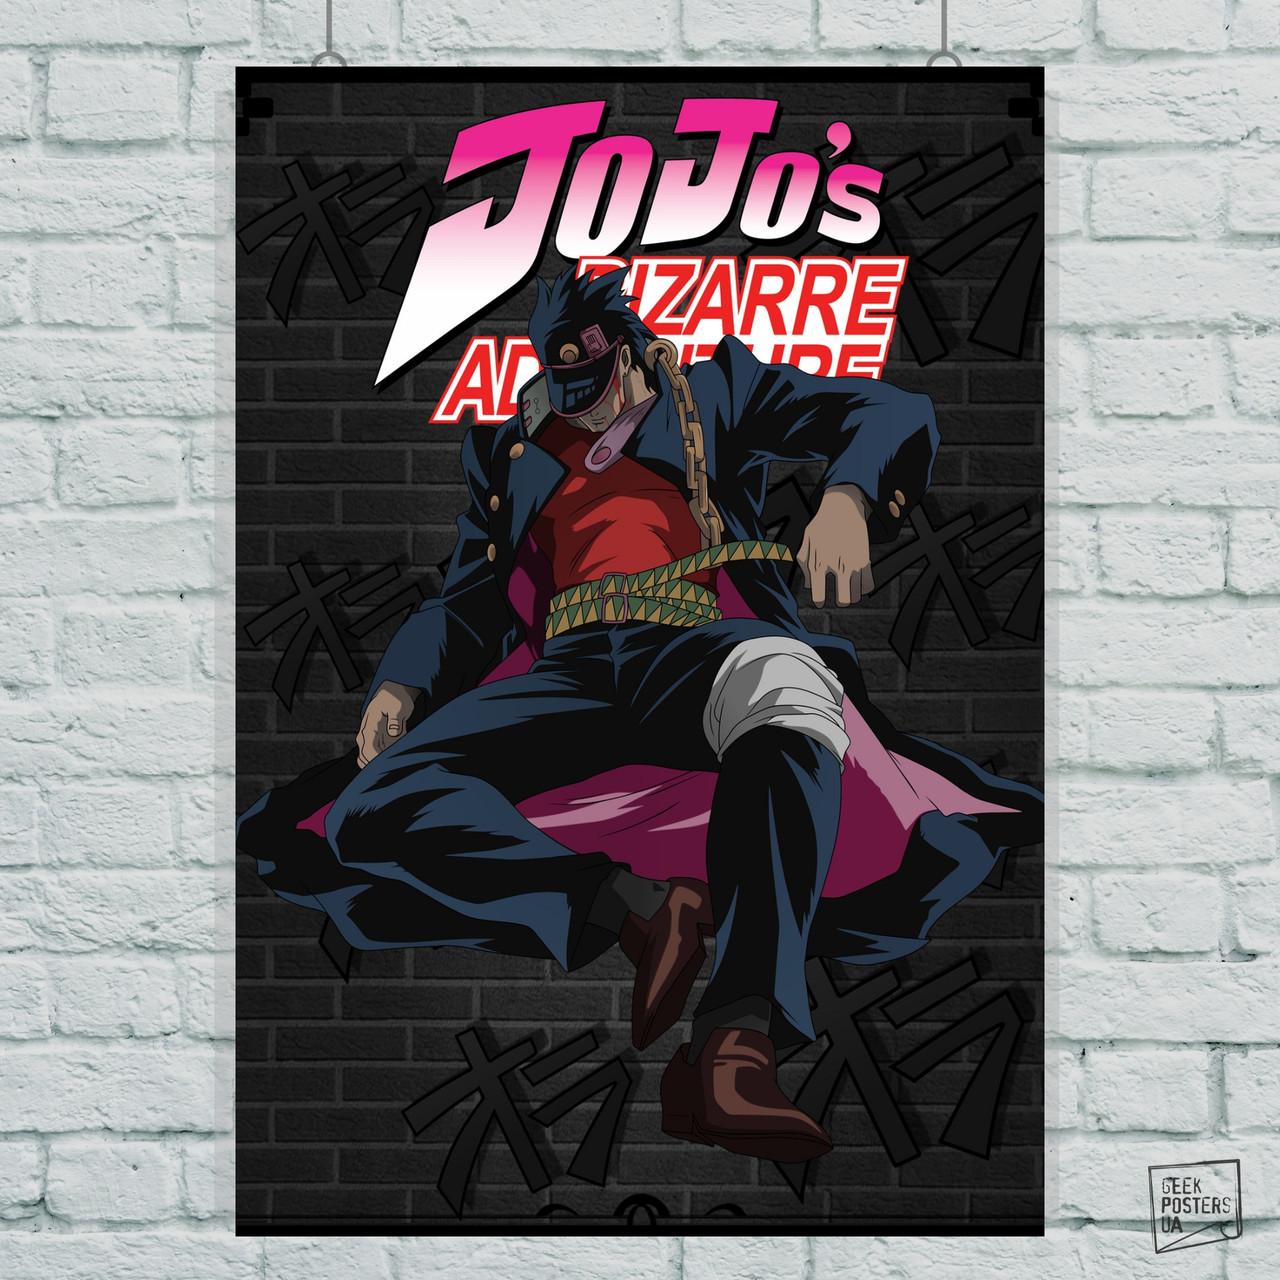 Постер Невероятные приключения ДжоДжо / Jojo's Bizarre Adventure. Размер 60x44см (A2). Глянцевая бумага